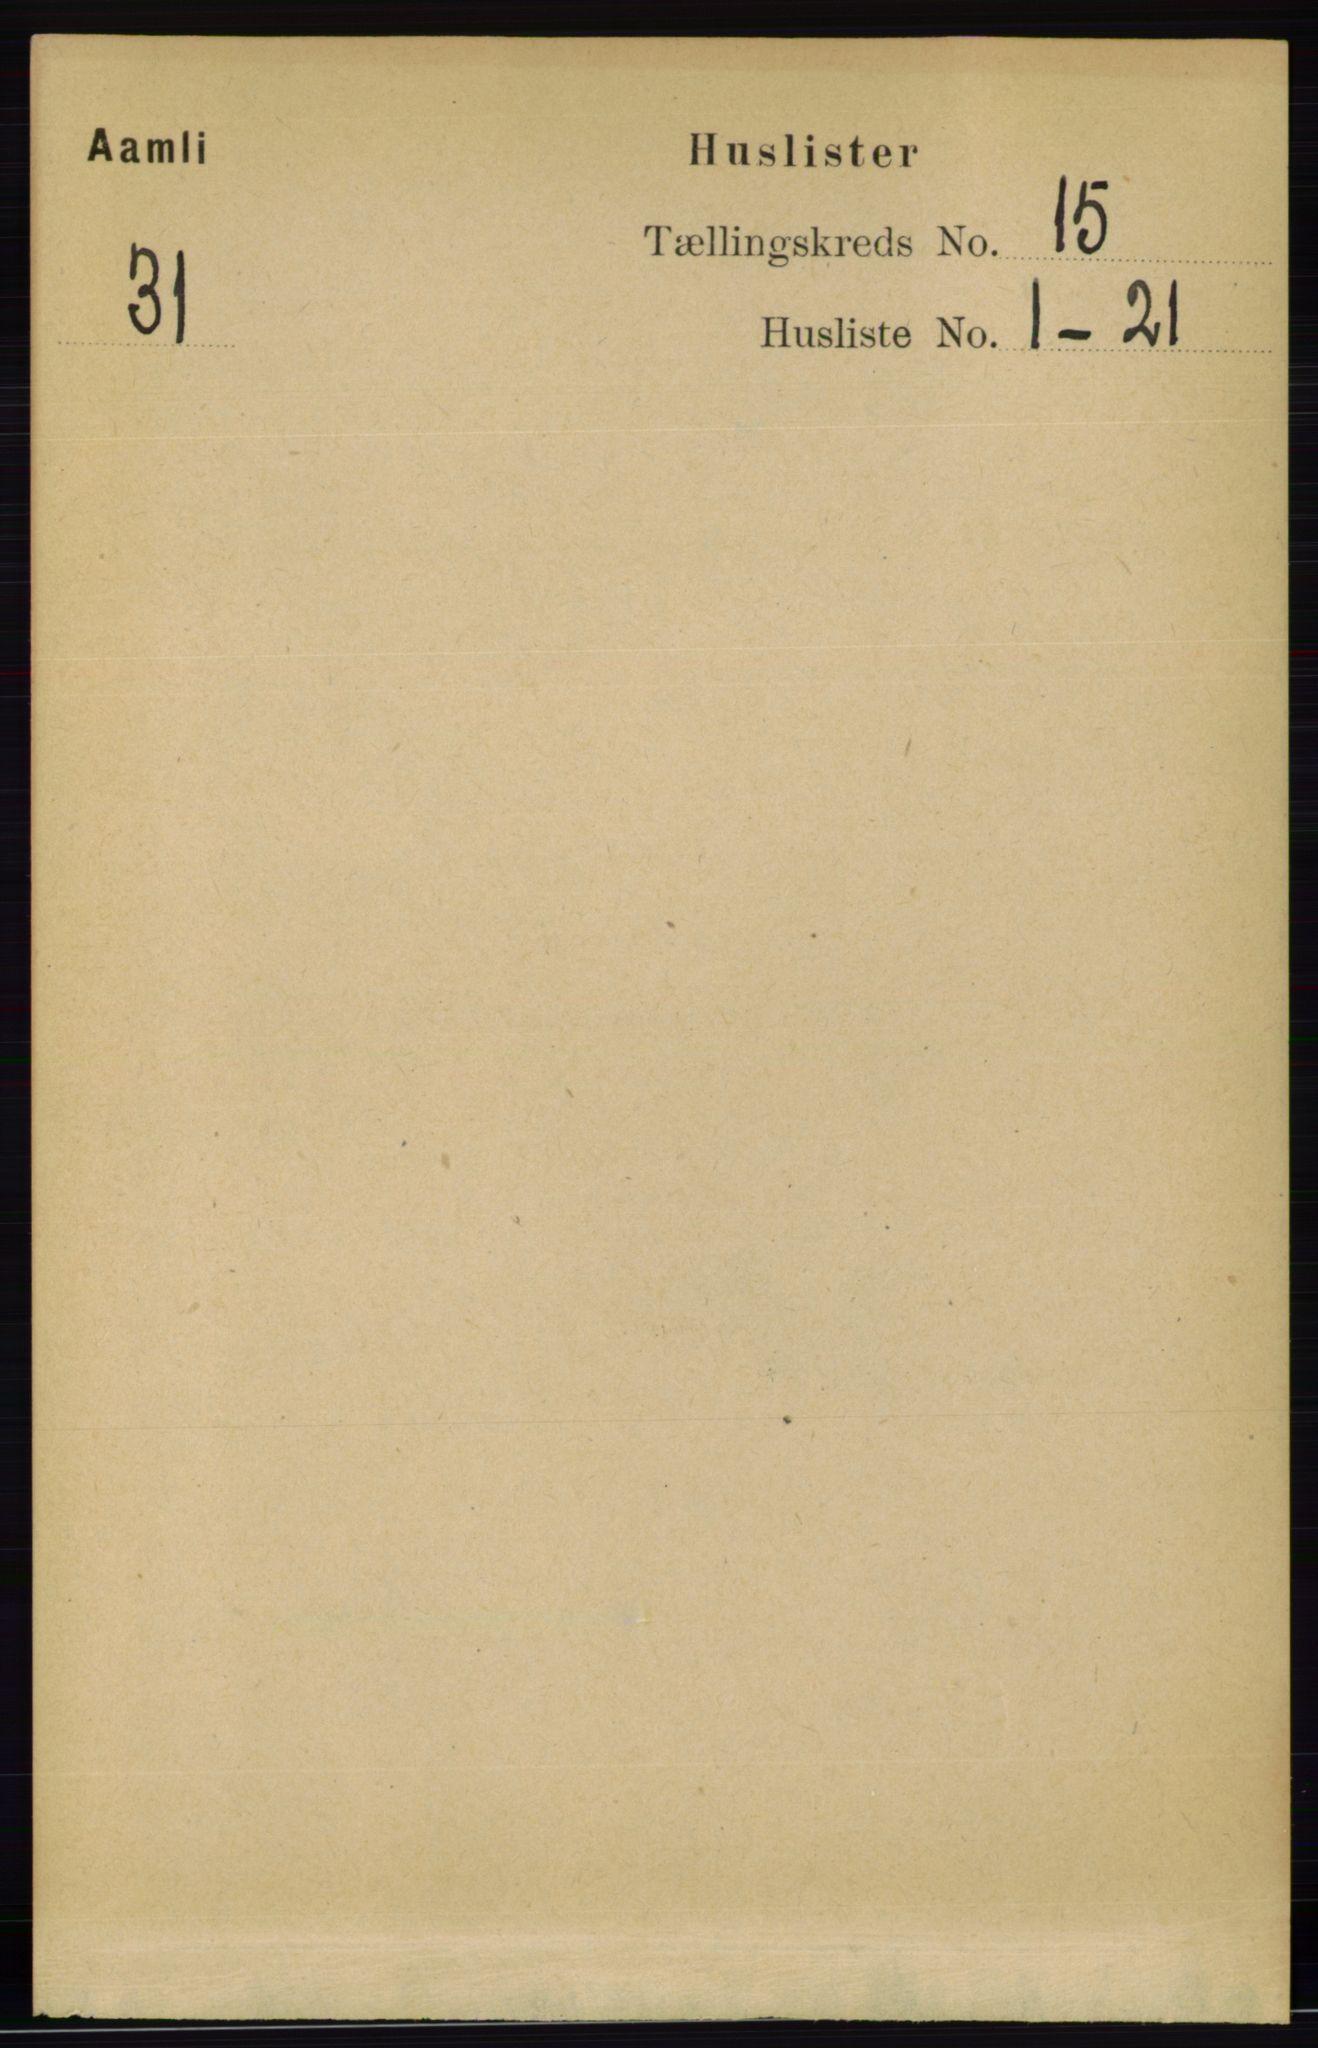 RA, Folketelling 1891 for 0929 Åmli herred, 1891, s. 2518